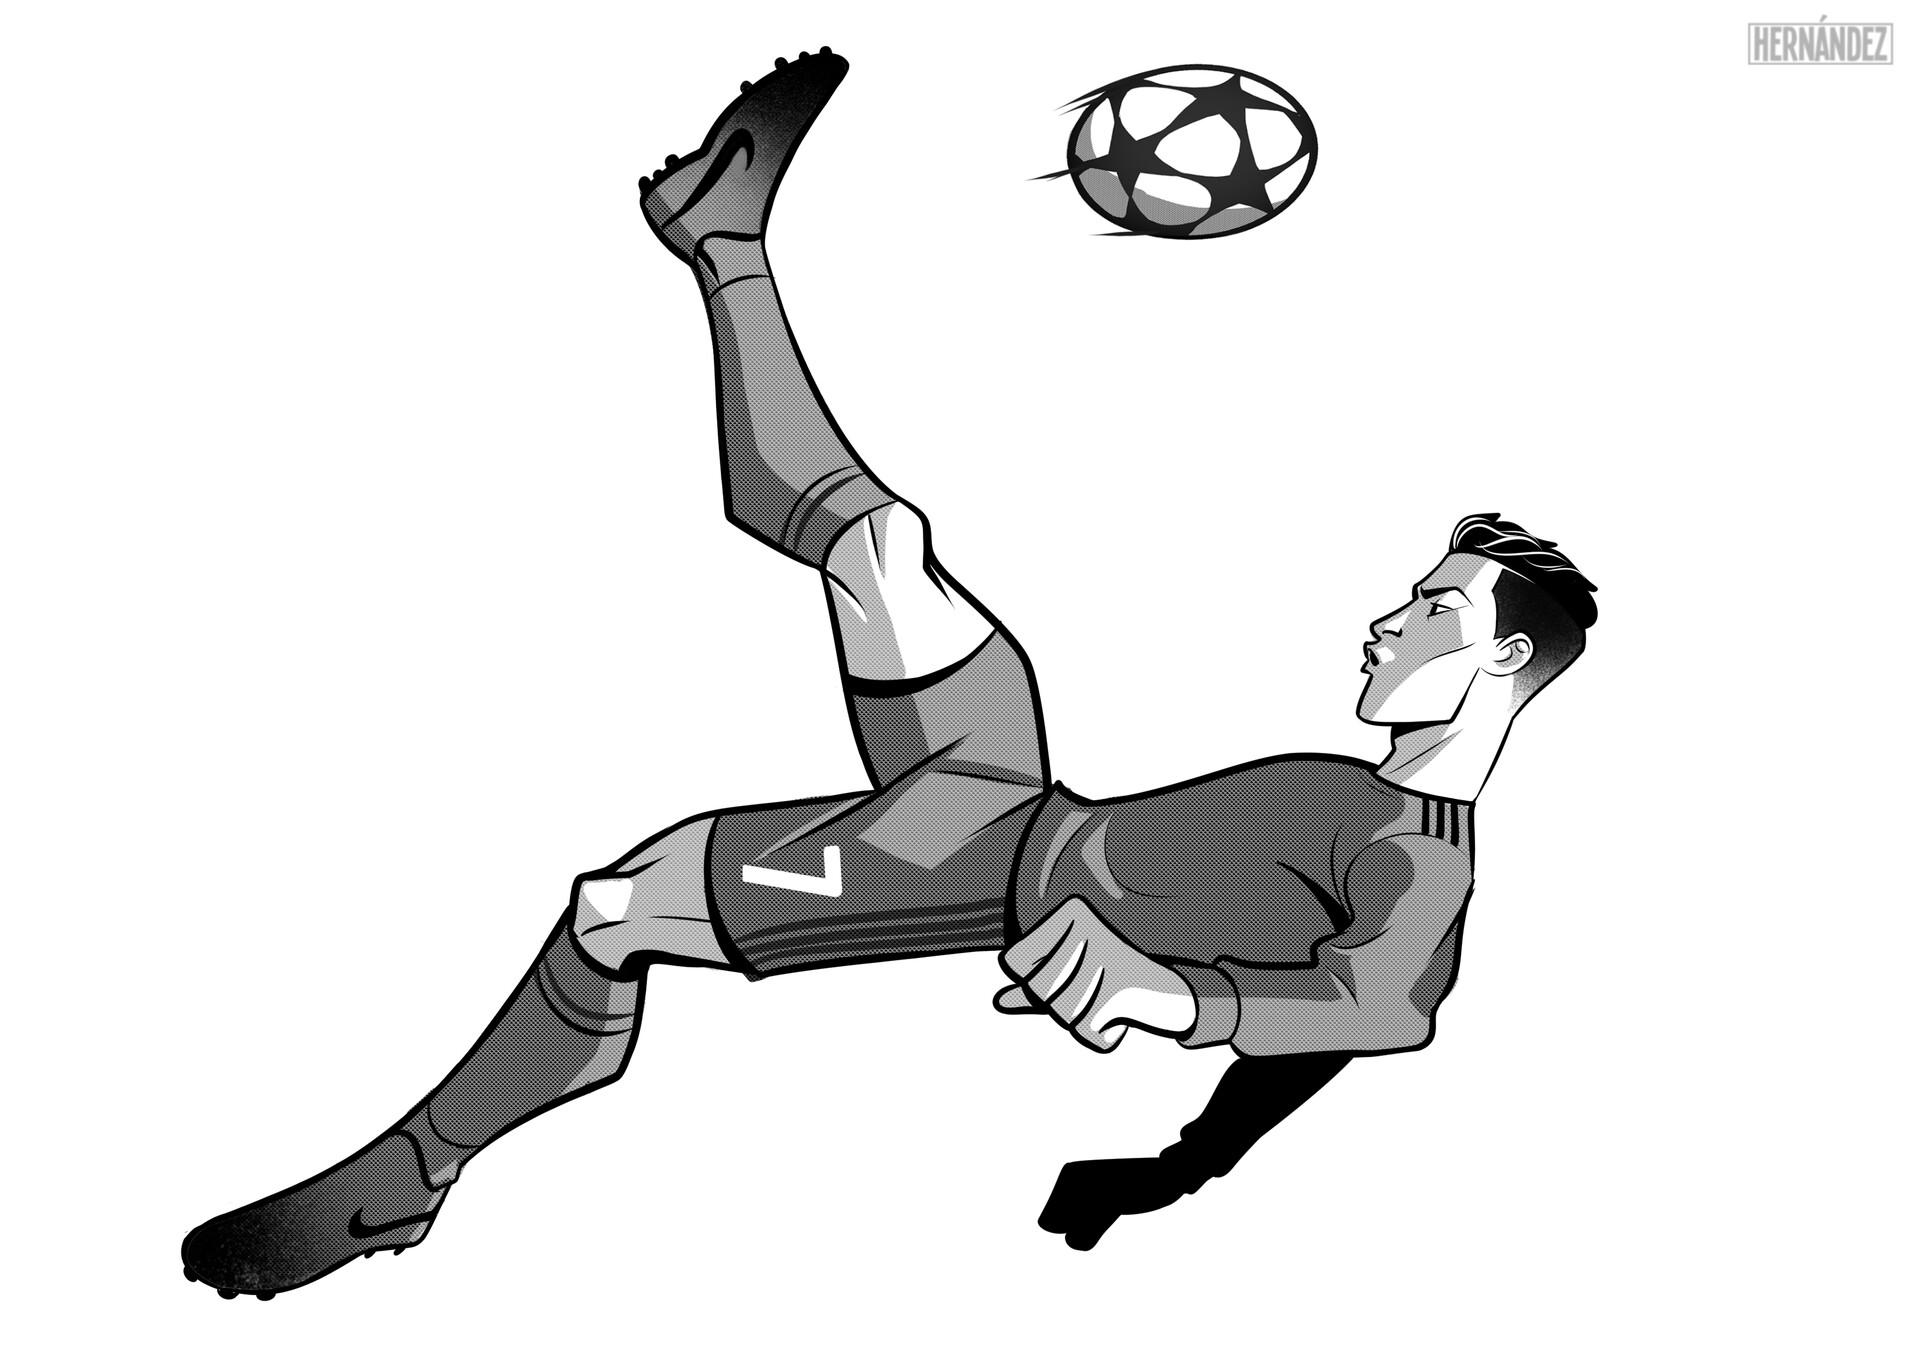 7 Cristiano Ronaldo